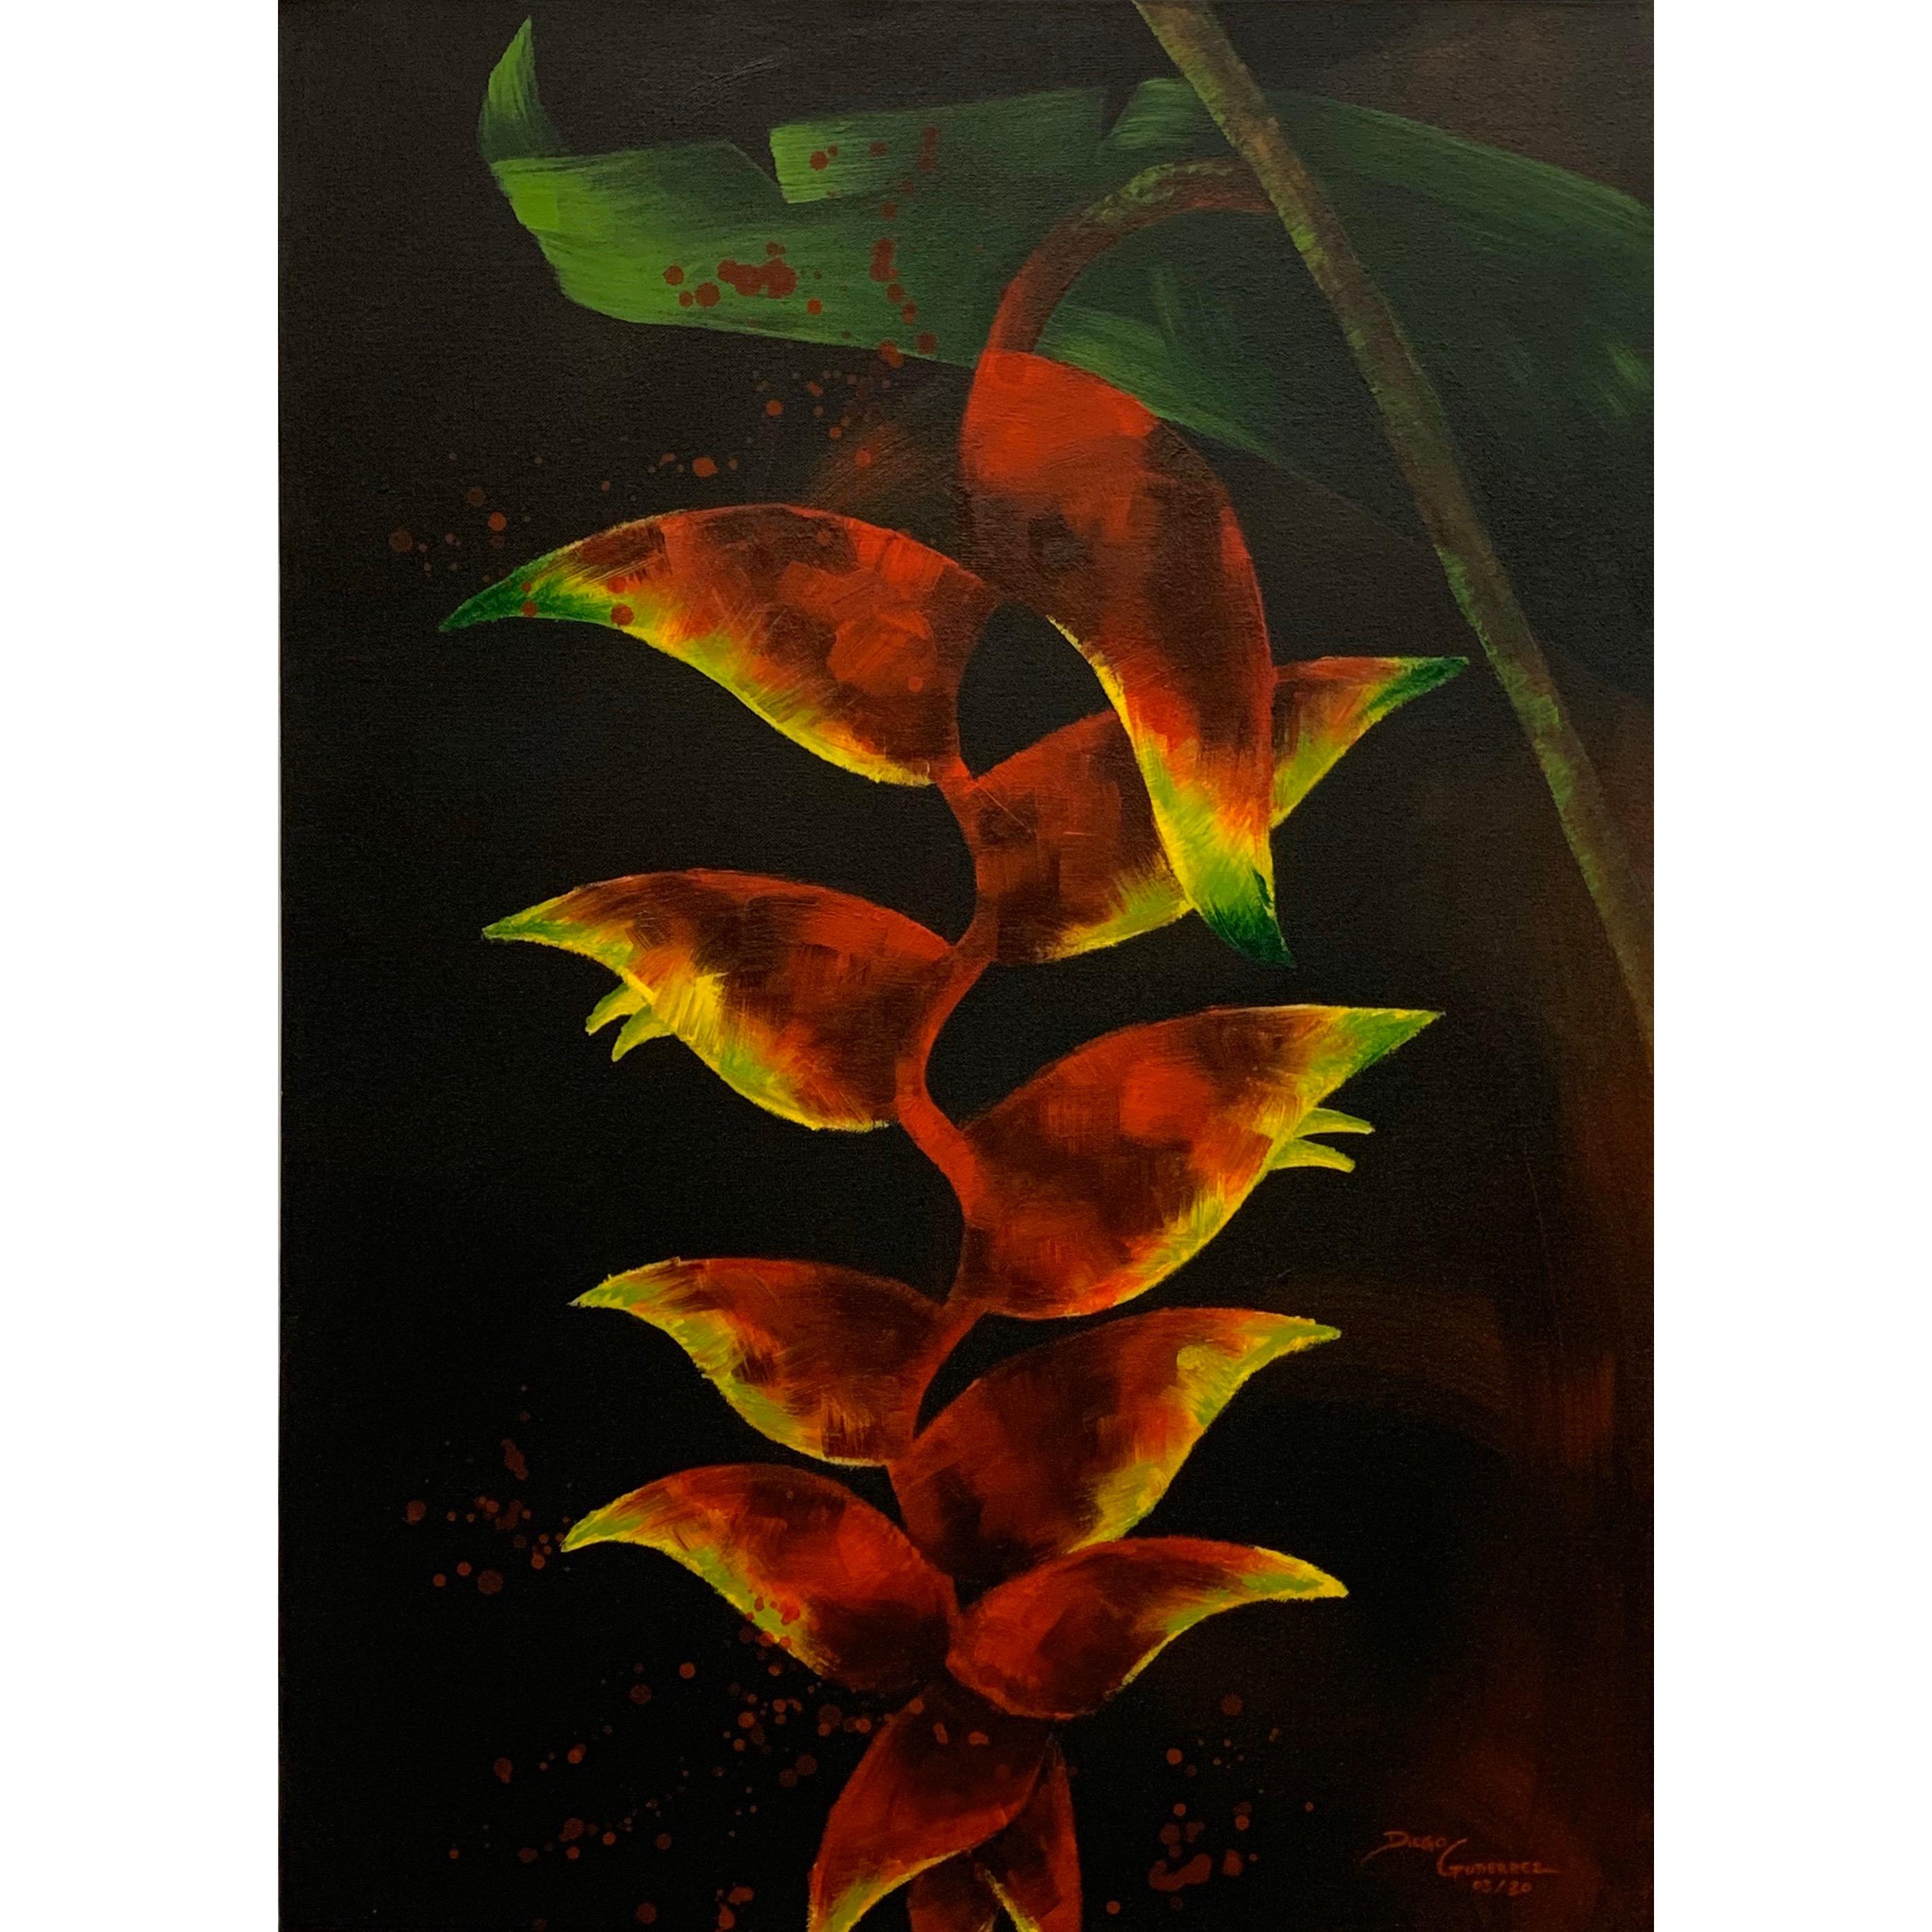 diego-gutierrez-gallery-plants-tropical-flower-03